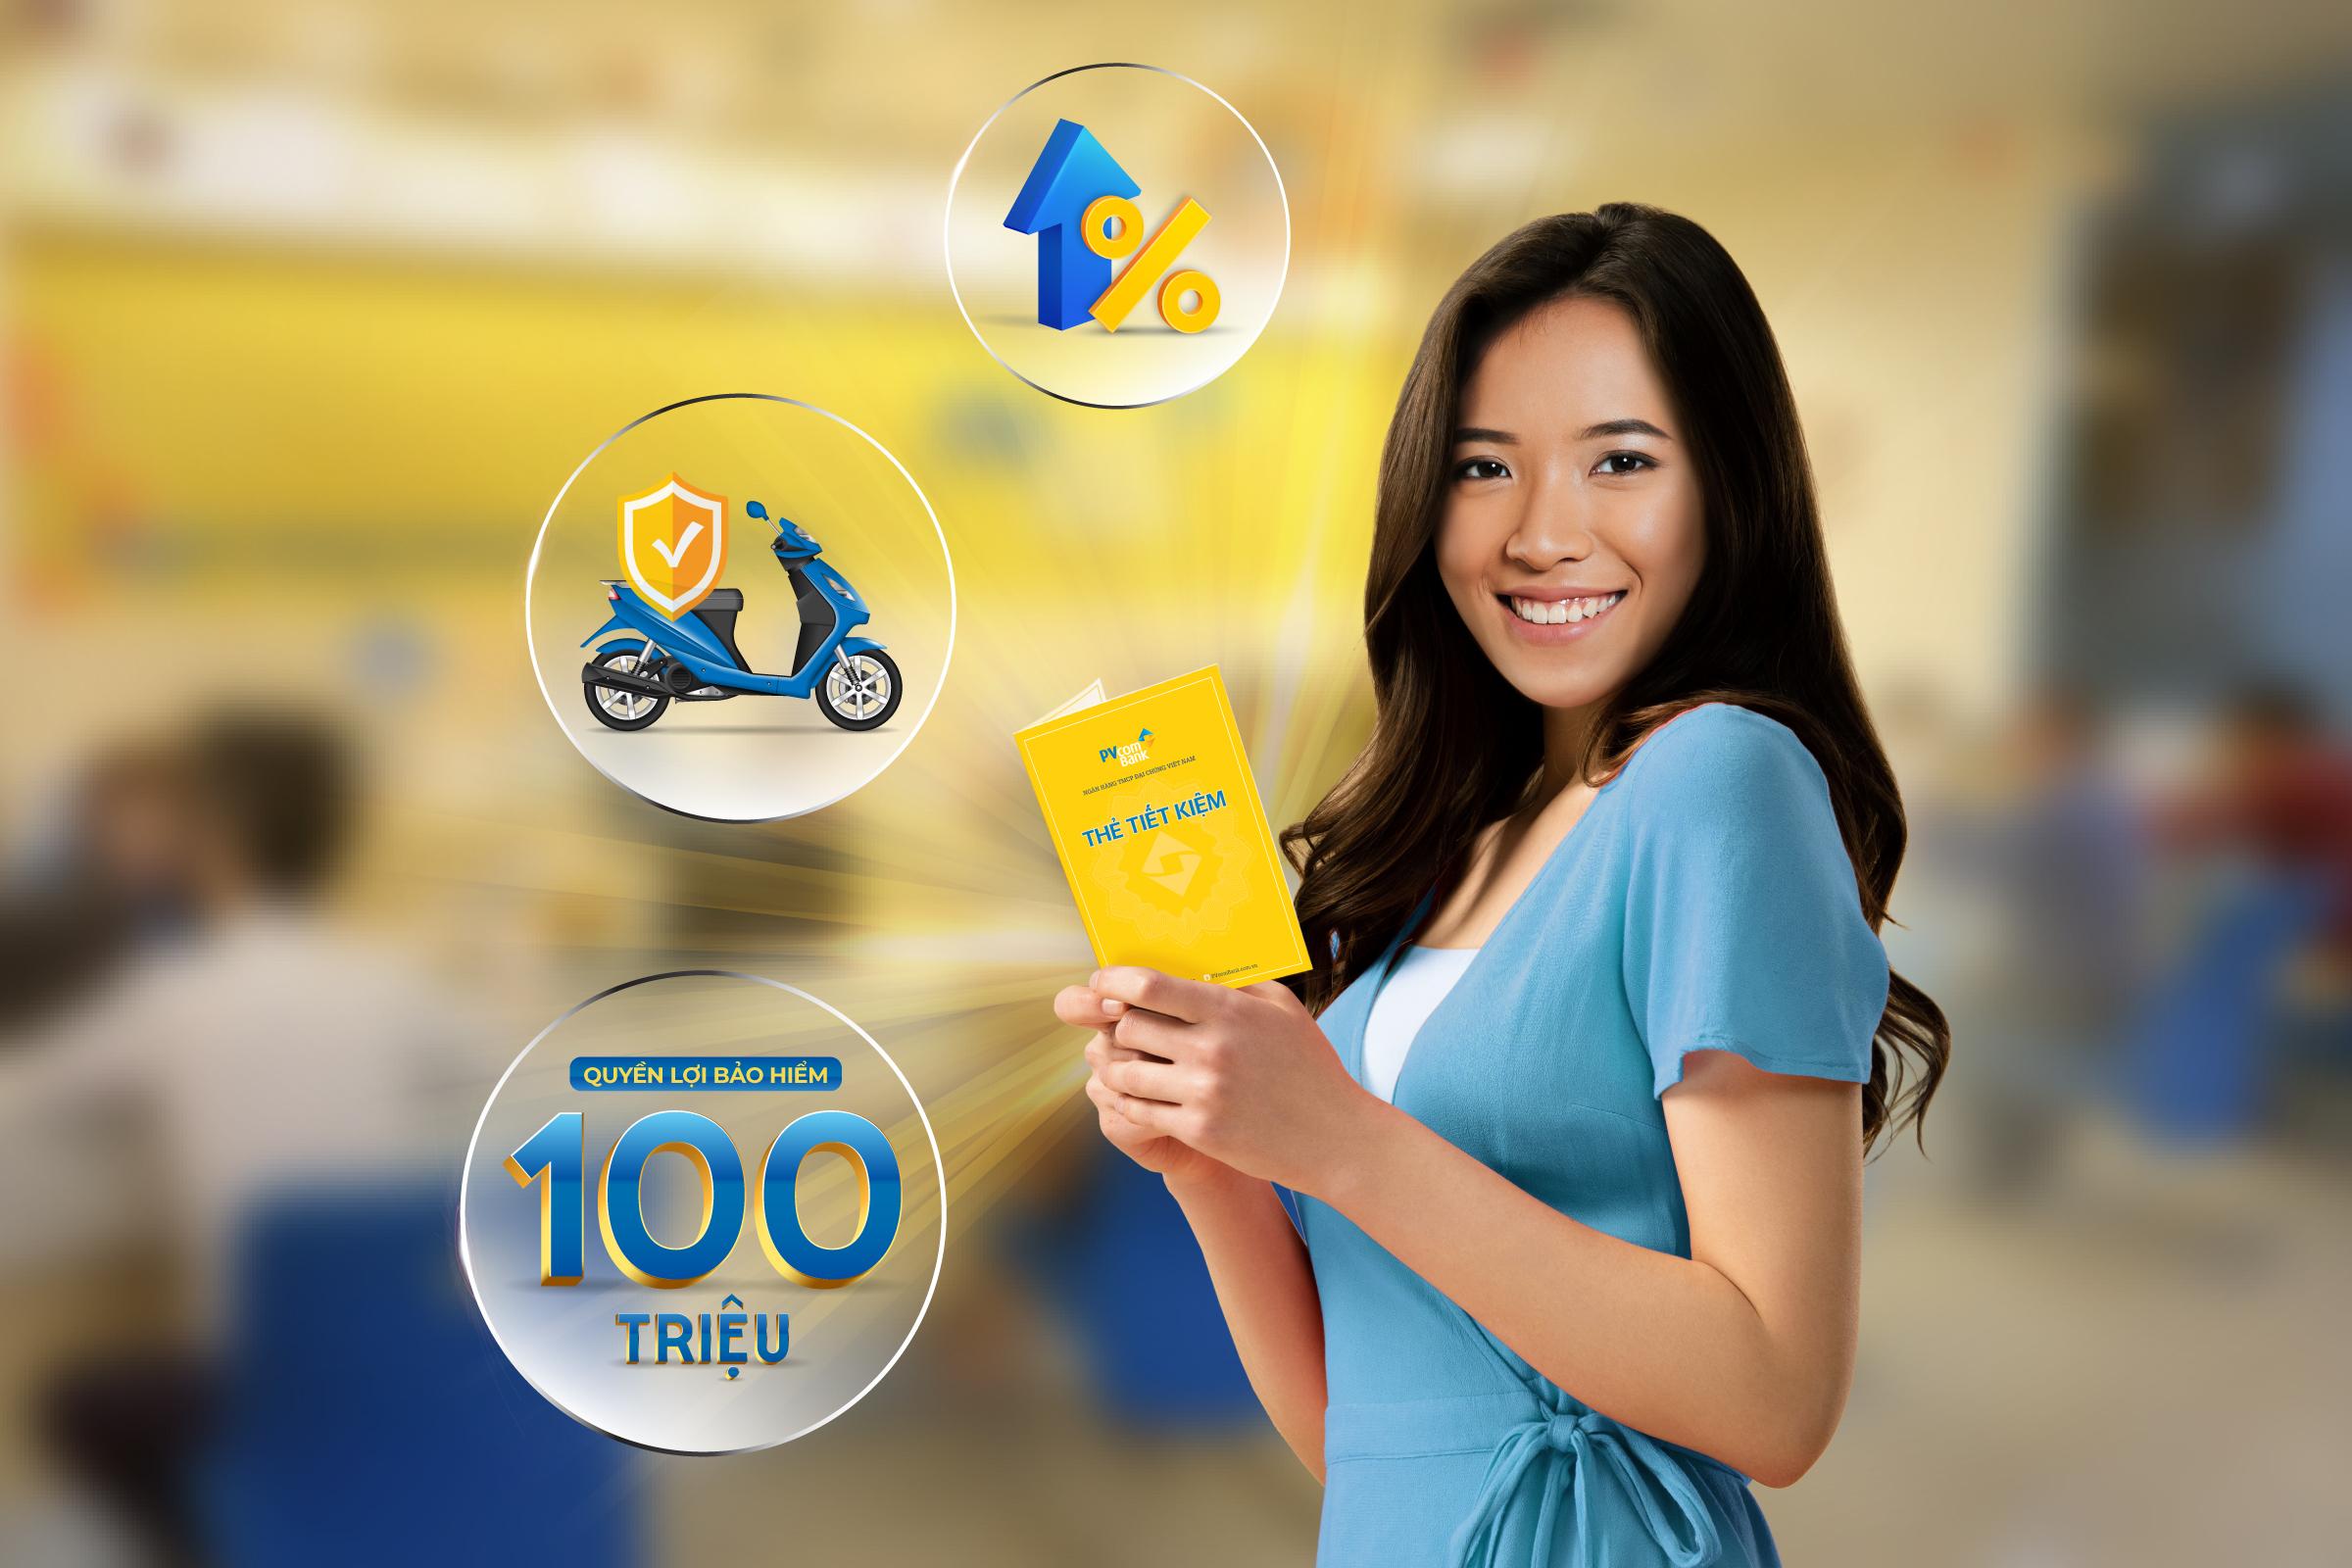 Gửi tiền lãi cao, nhận thêm quà chất tại PVcomBank - Ảnh 1.